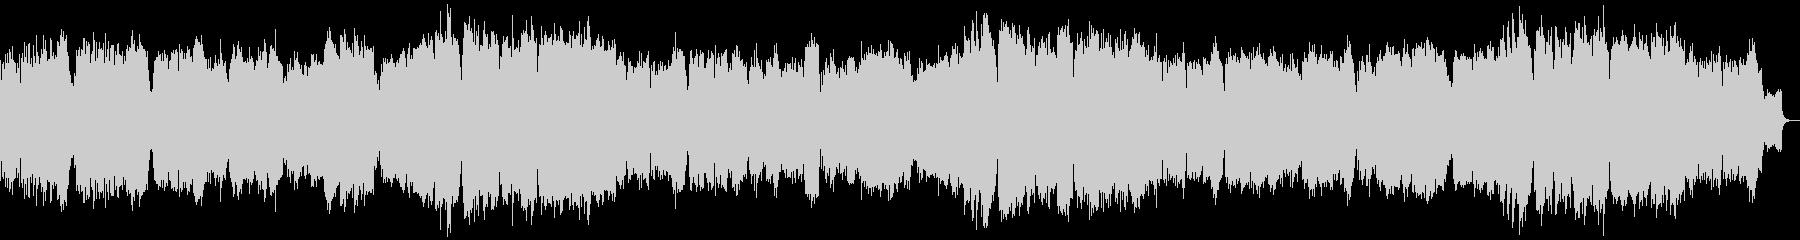 ピアノ中心の優しいメロディアスバラードの未再生の波形